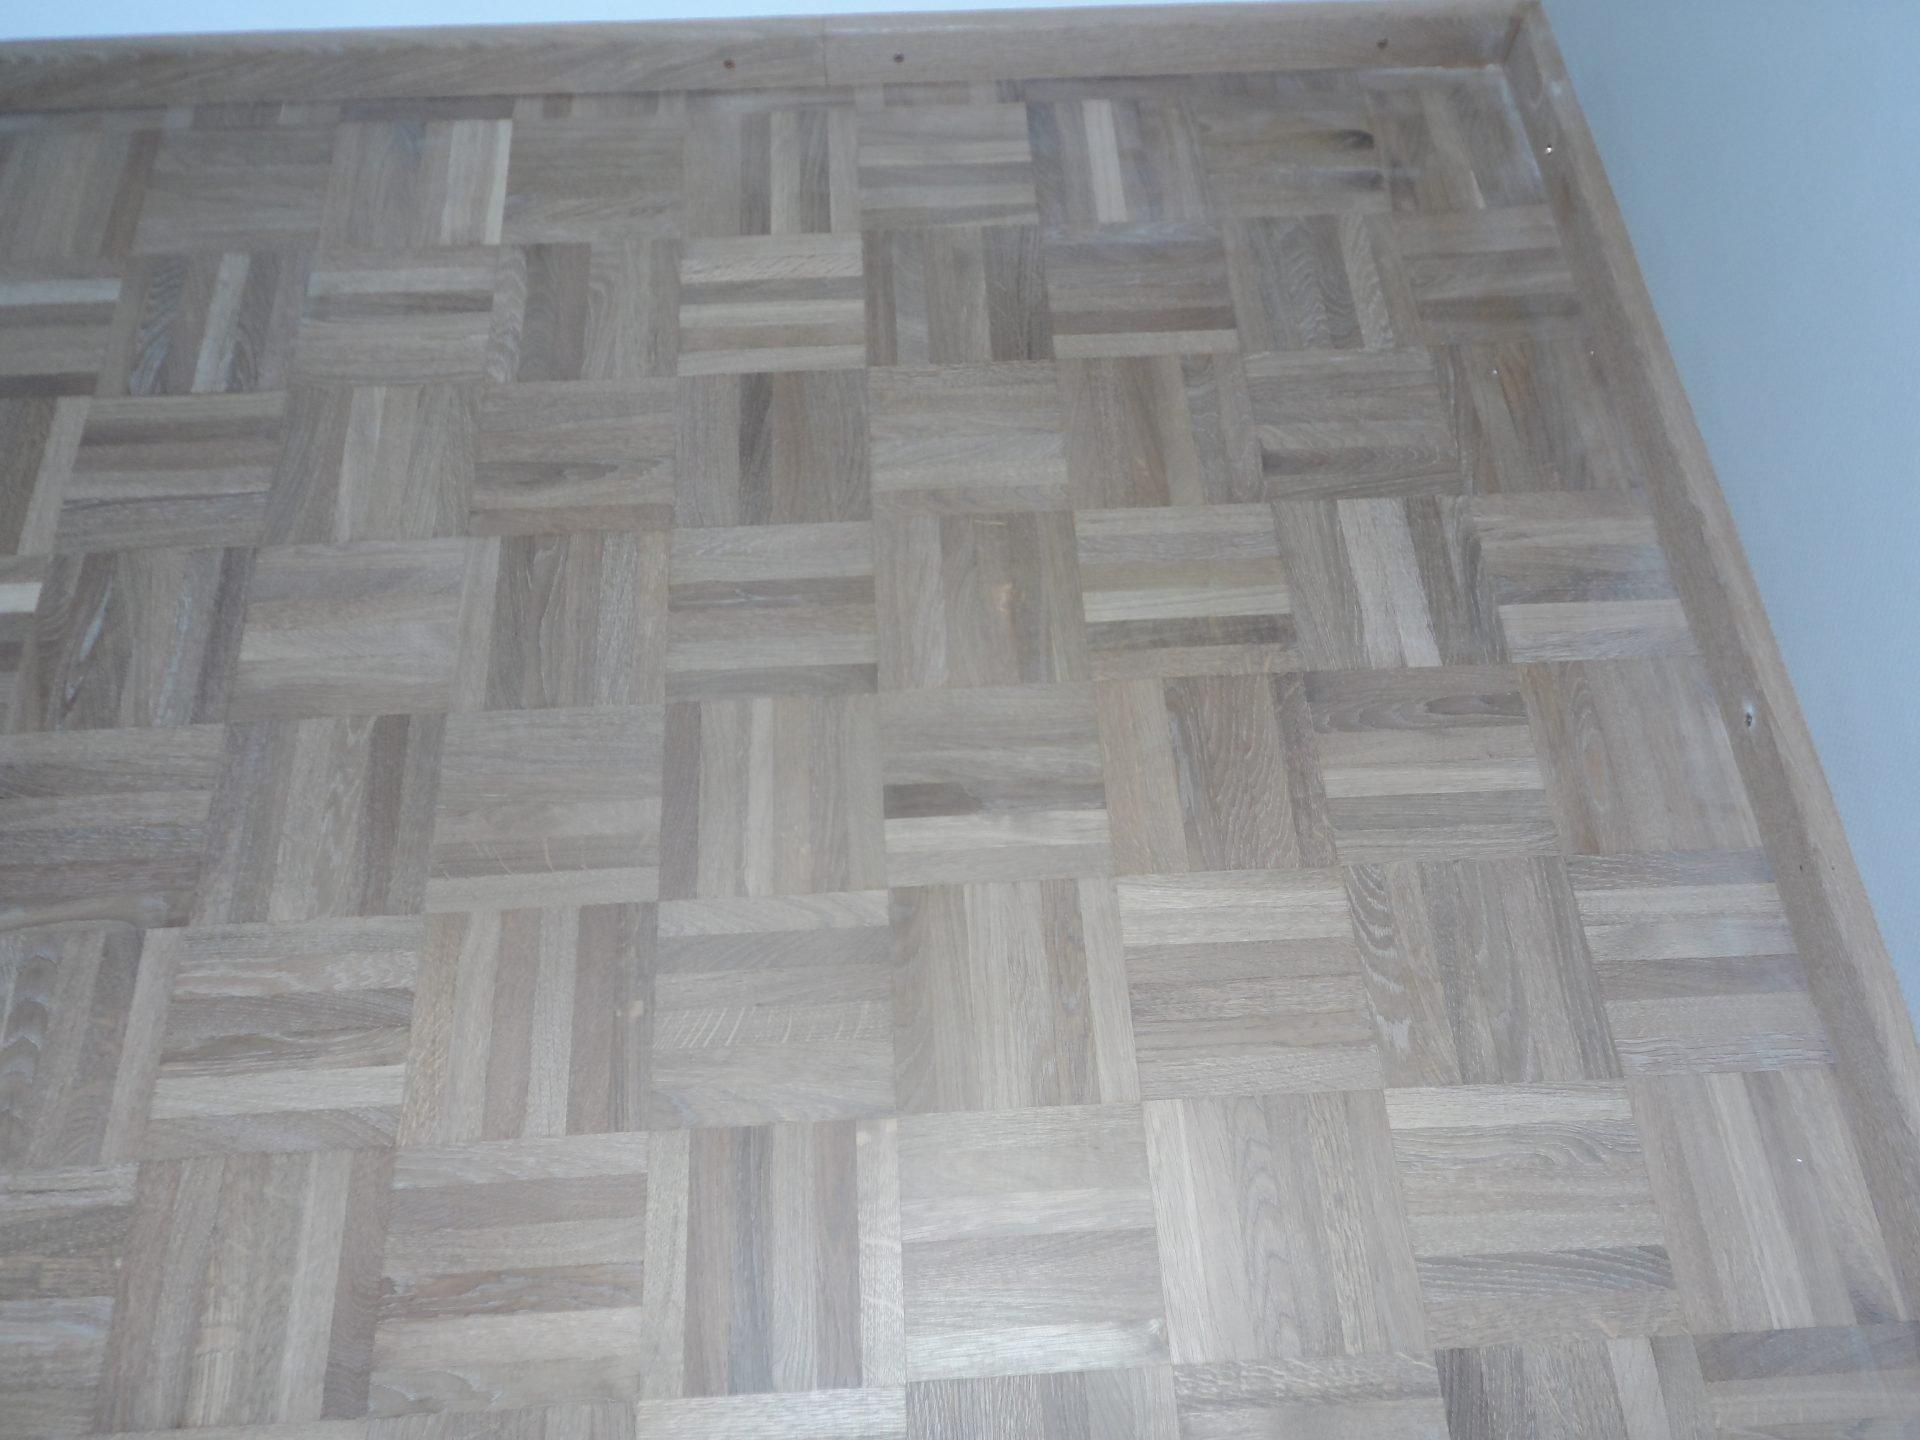 Eiken-mozaiekvloer-schuren-roken-en-inkleuren-met-naturel-wit-en-afgewerkt-met-een-naturelle-olie-12